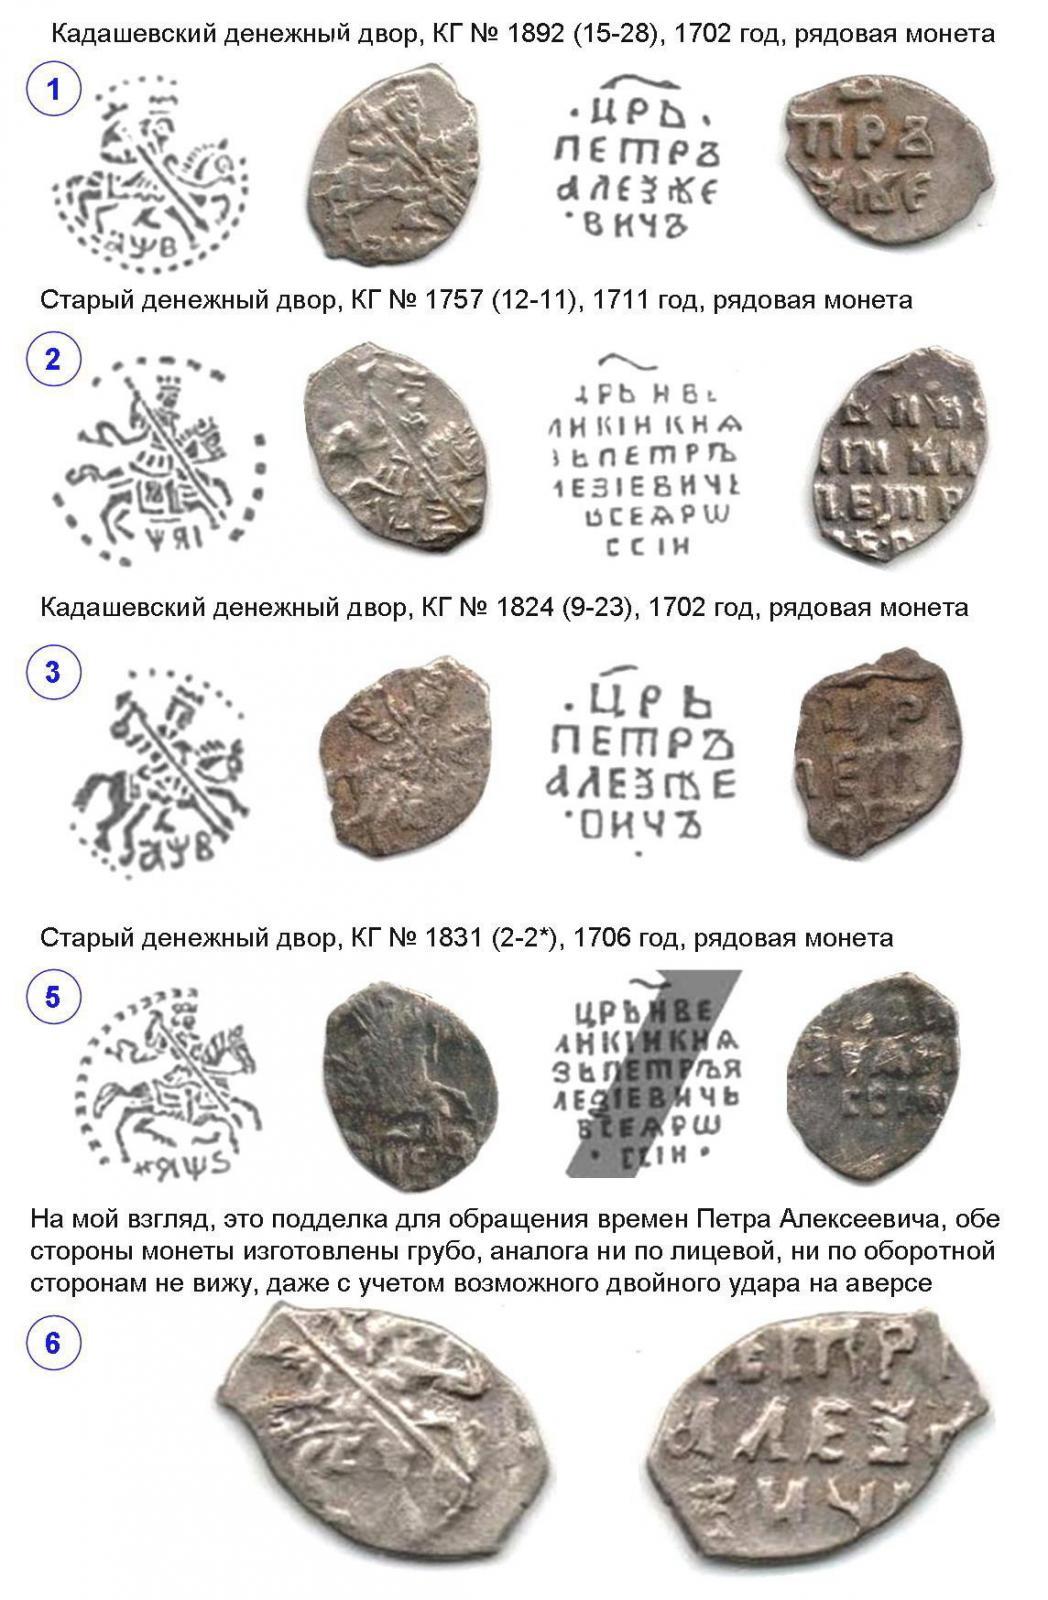 Петровская чешуя каталог 5 коп 1911 года цена медь